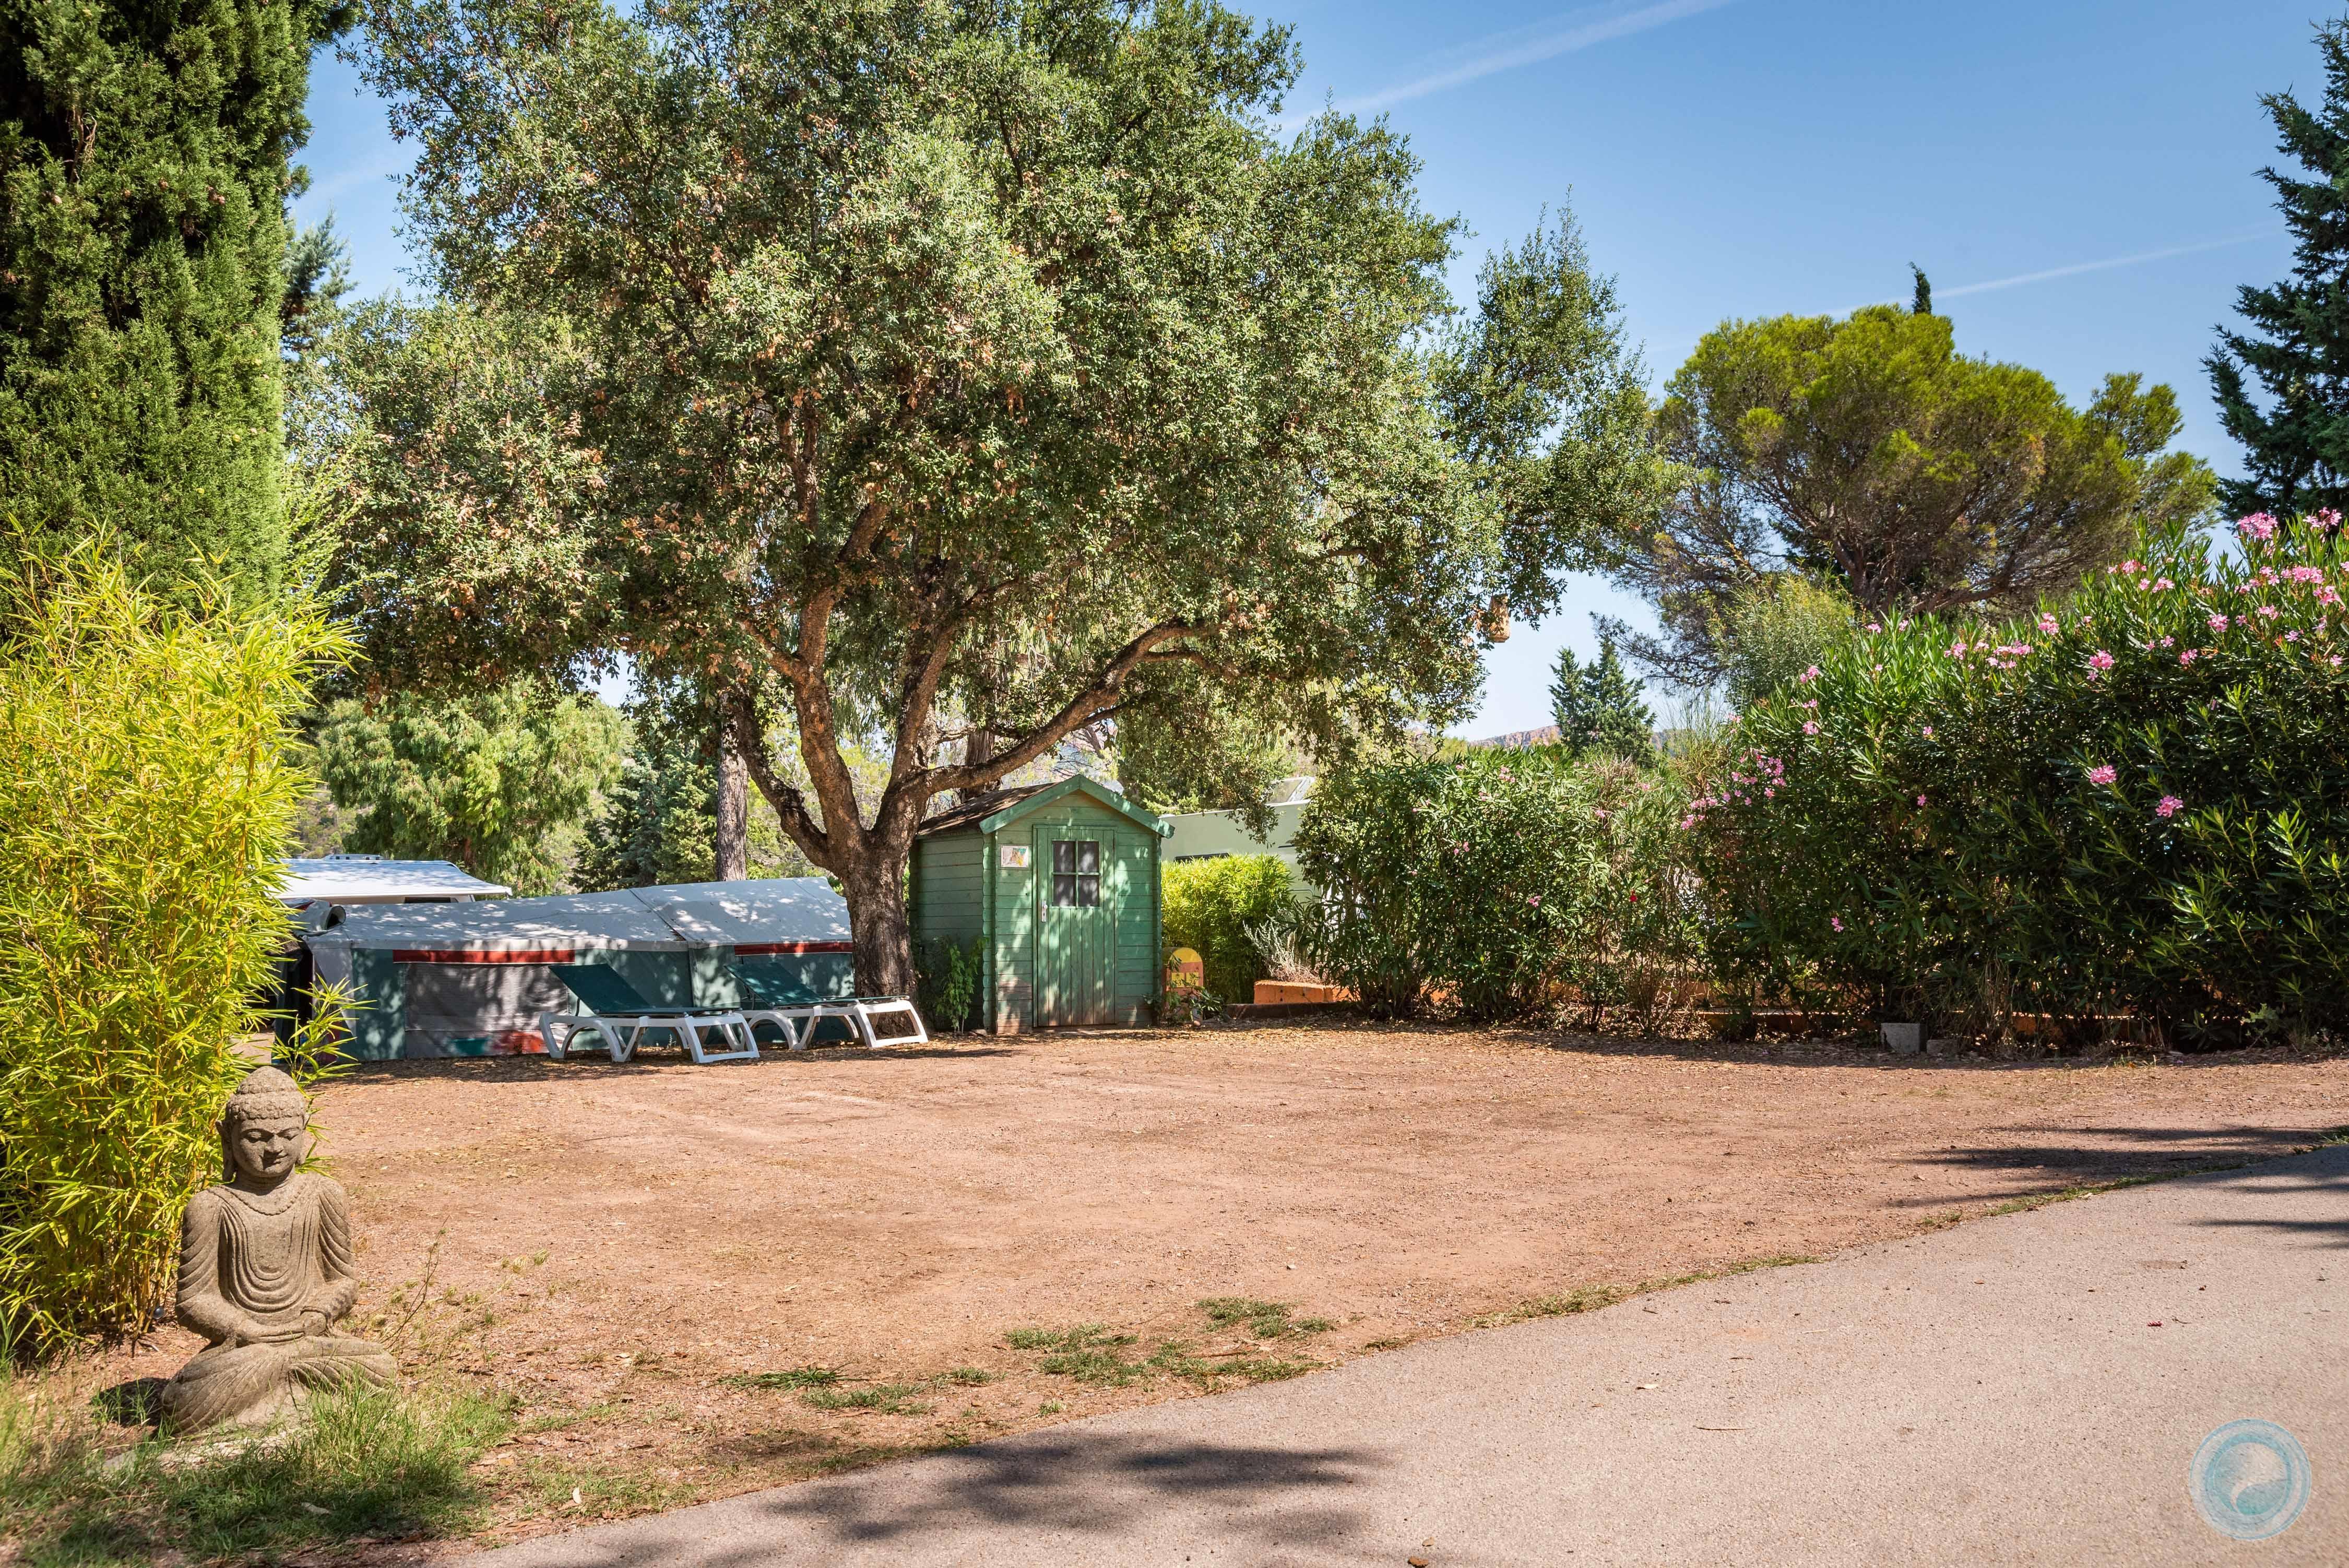 Emplacement - Emplacement 'Confort' Caravane / Campingcar Attention Pas De Tentes - Esterel Caravaning